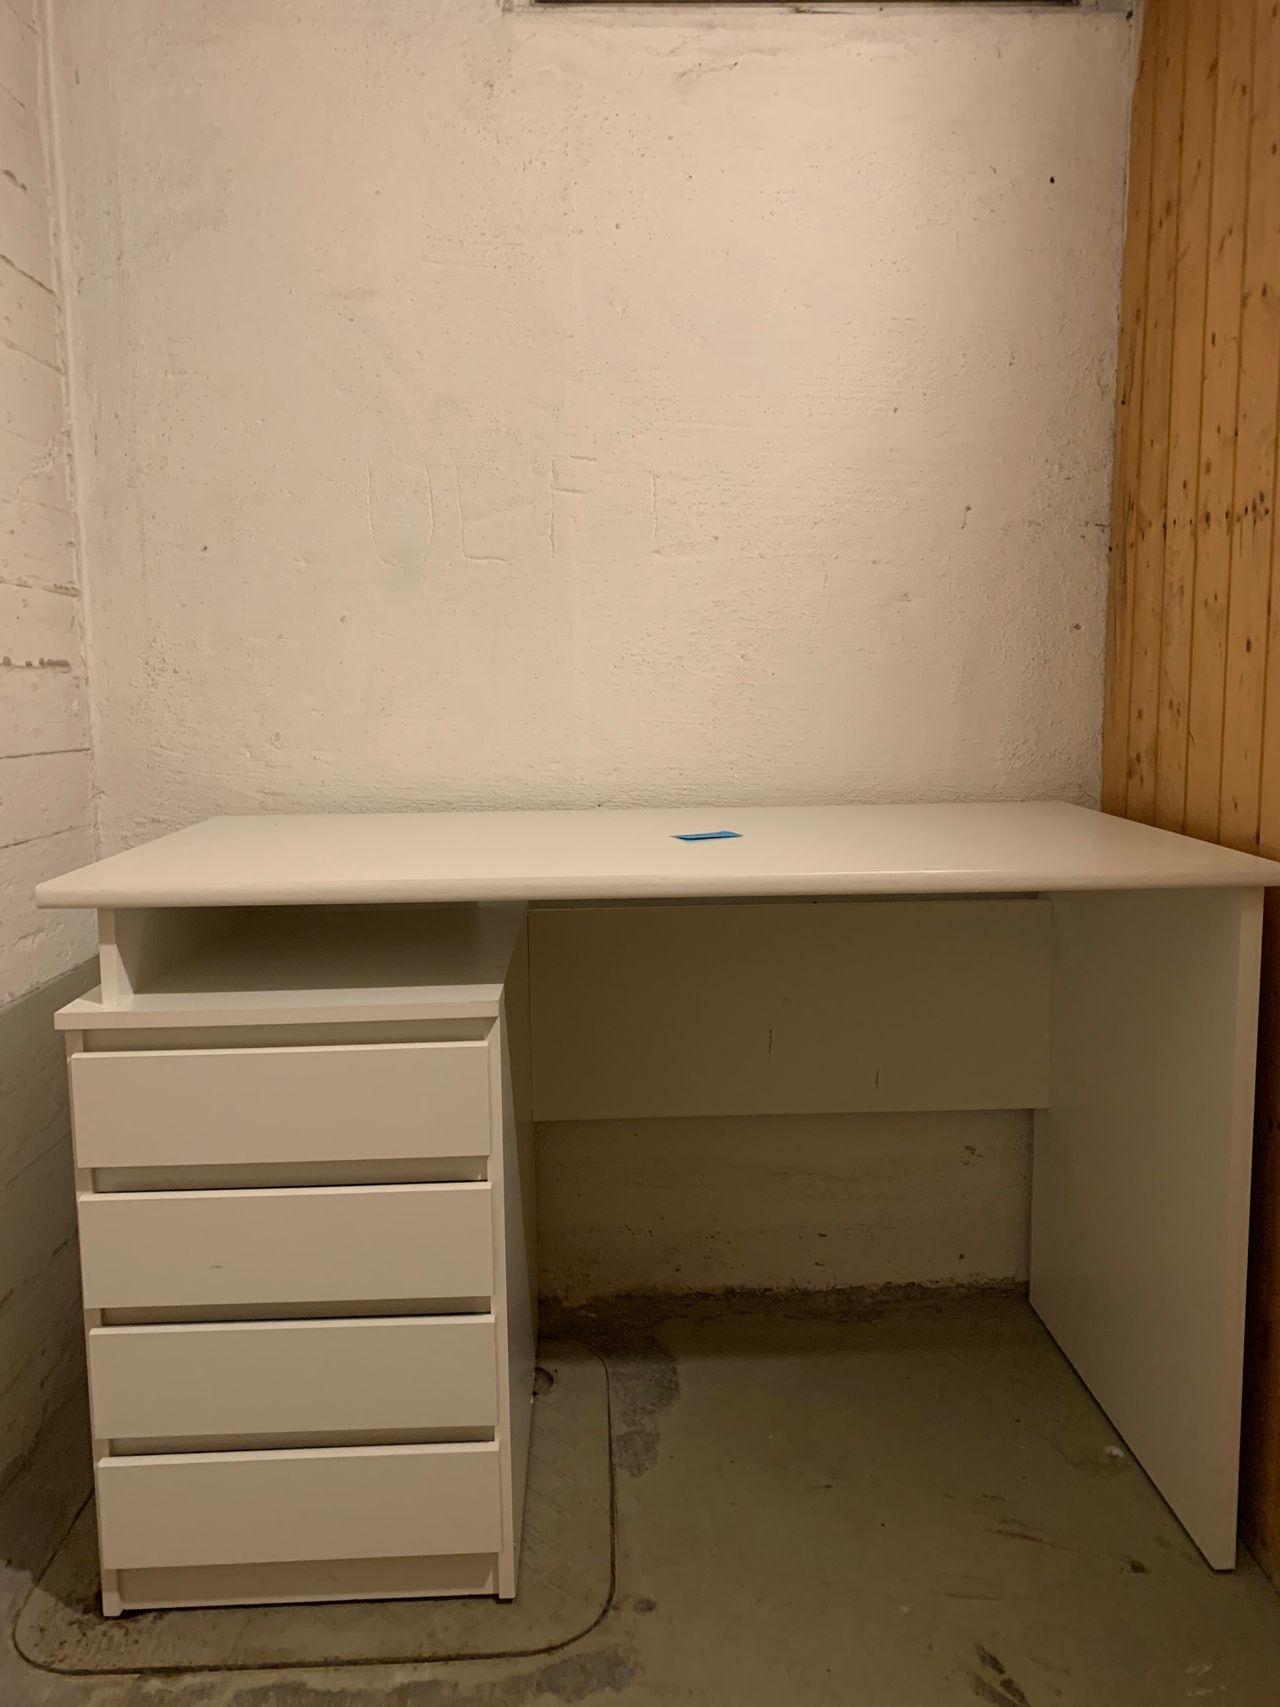 Mesinge skrivebord fra JYSK   FINN.no